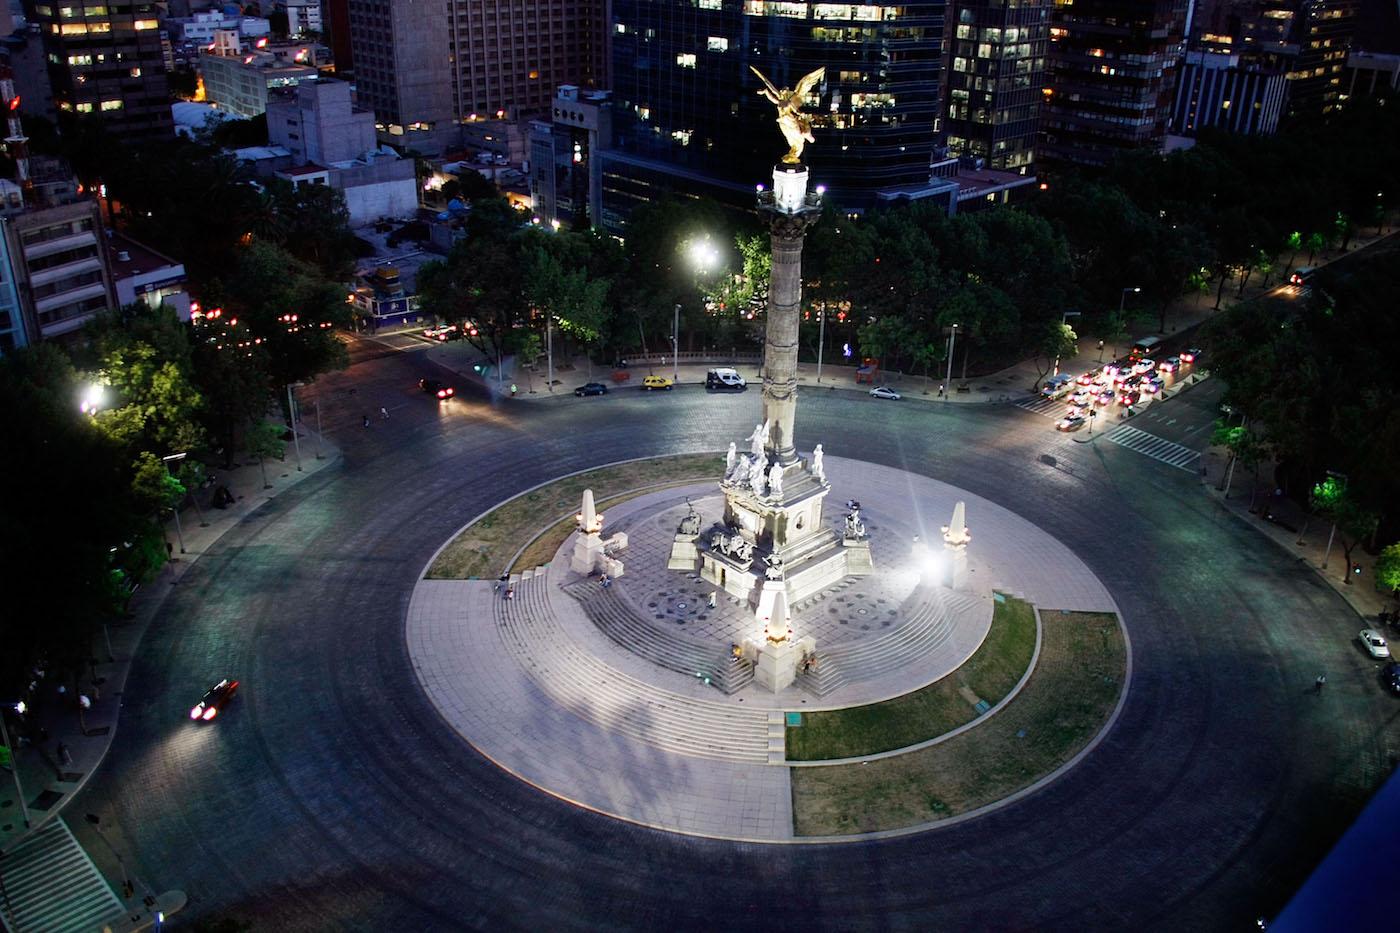 Costo de Vida Internacional: Buenos Aires más barata